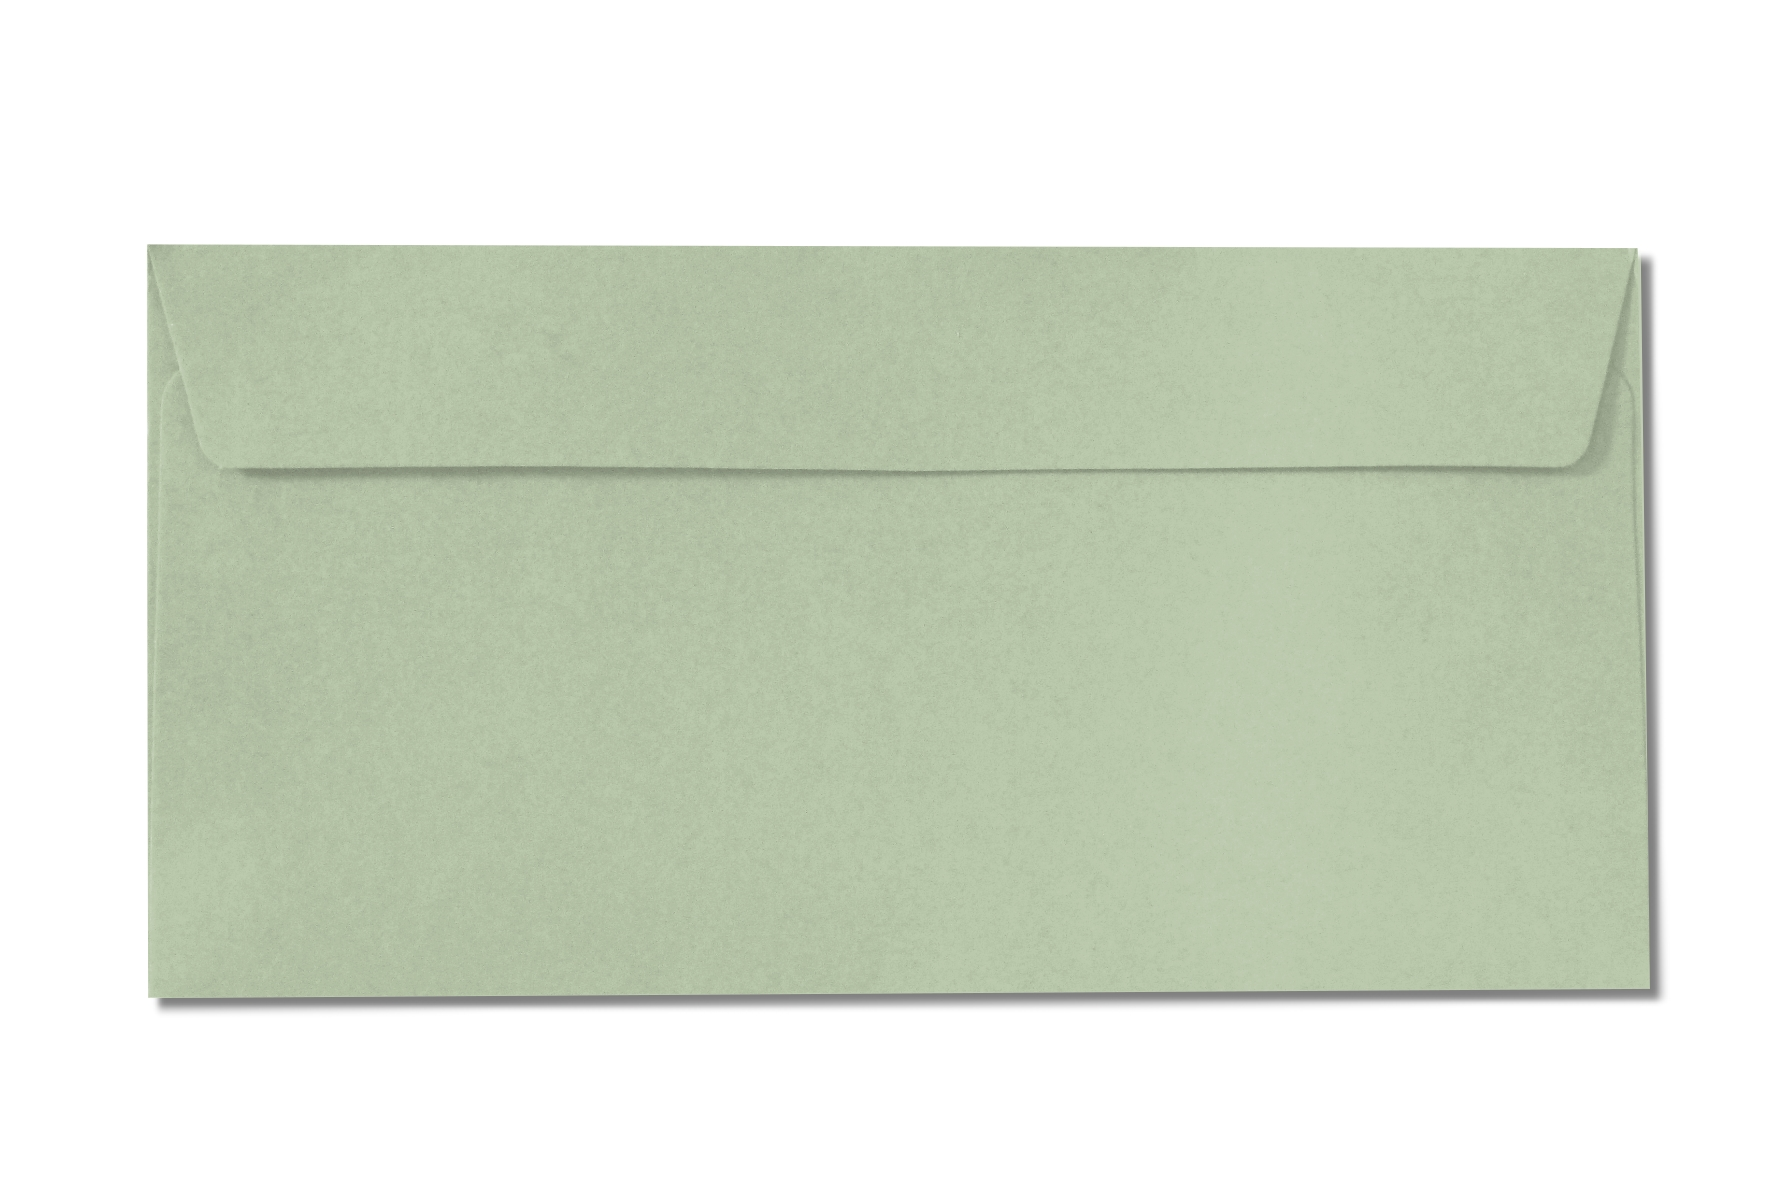 DL pale green envelopes